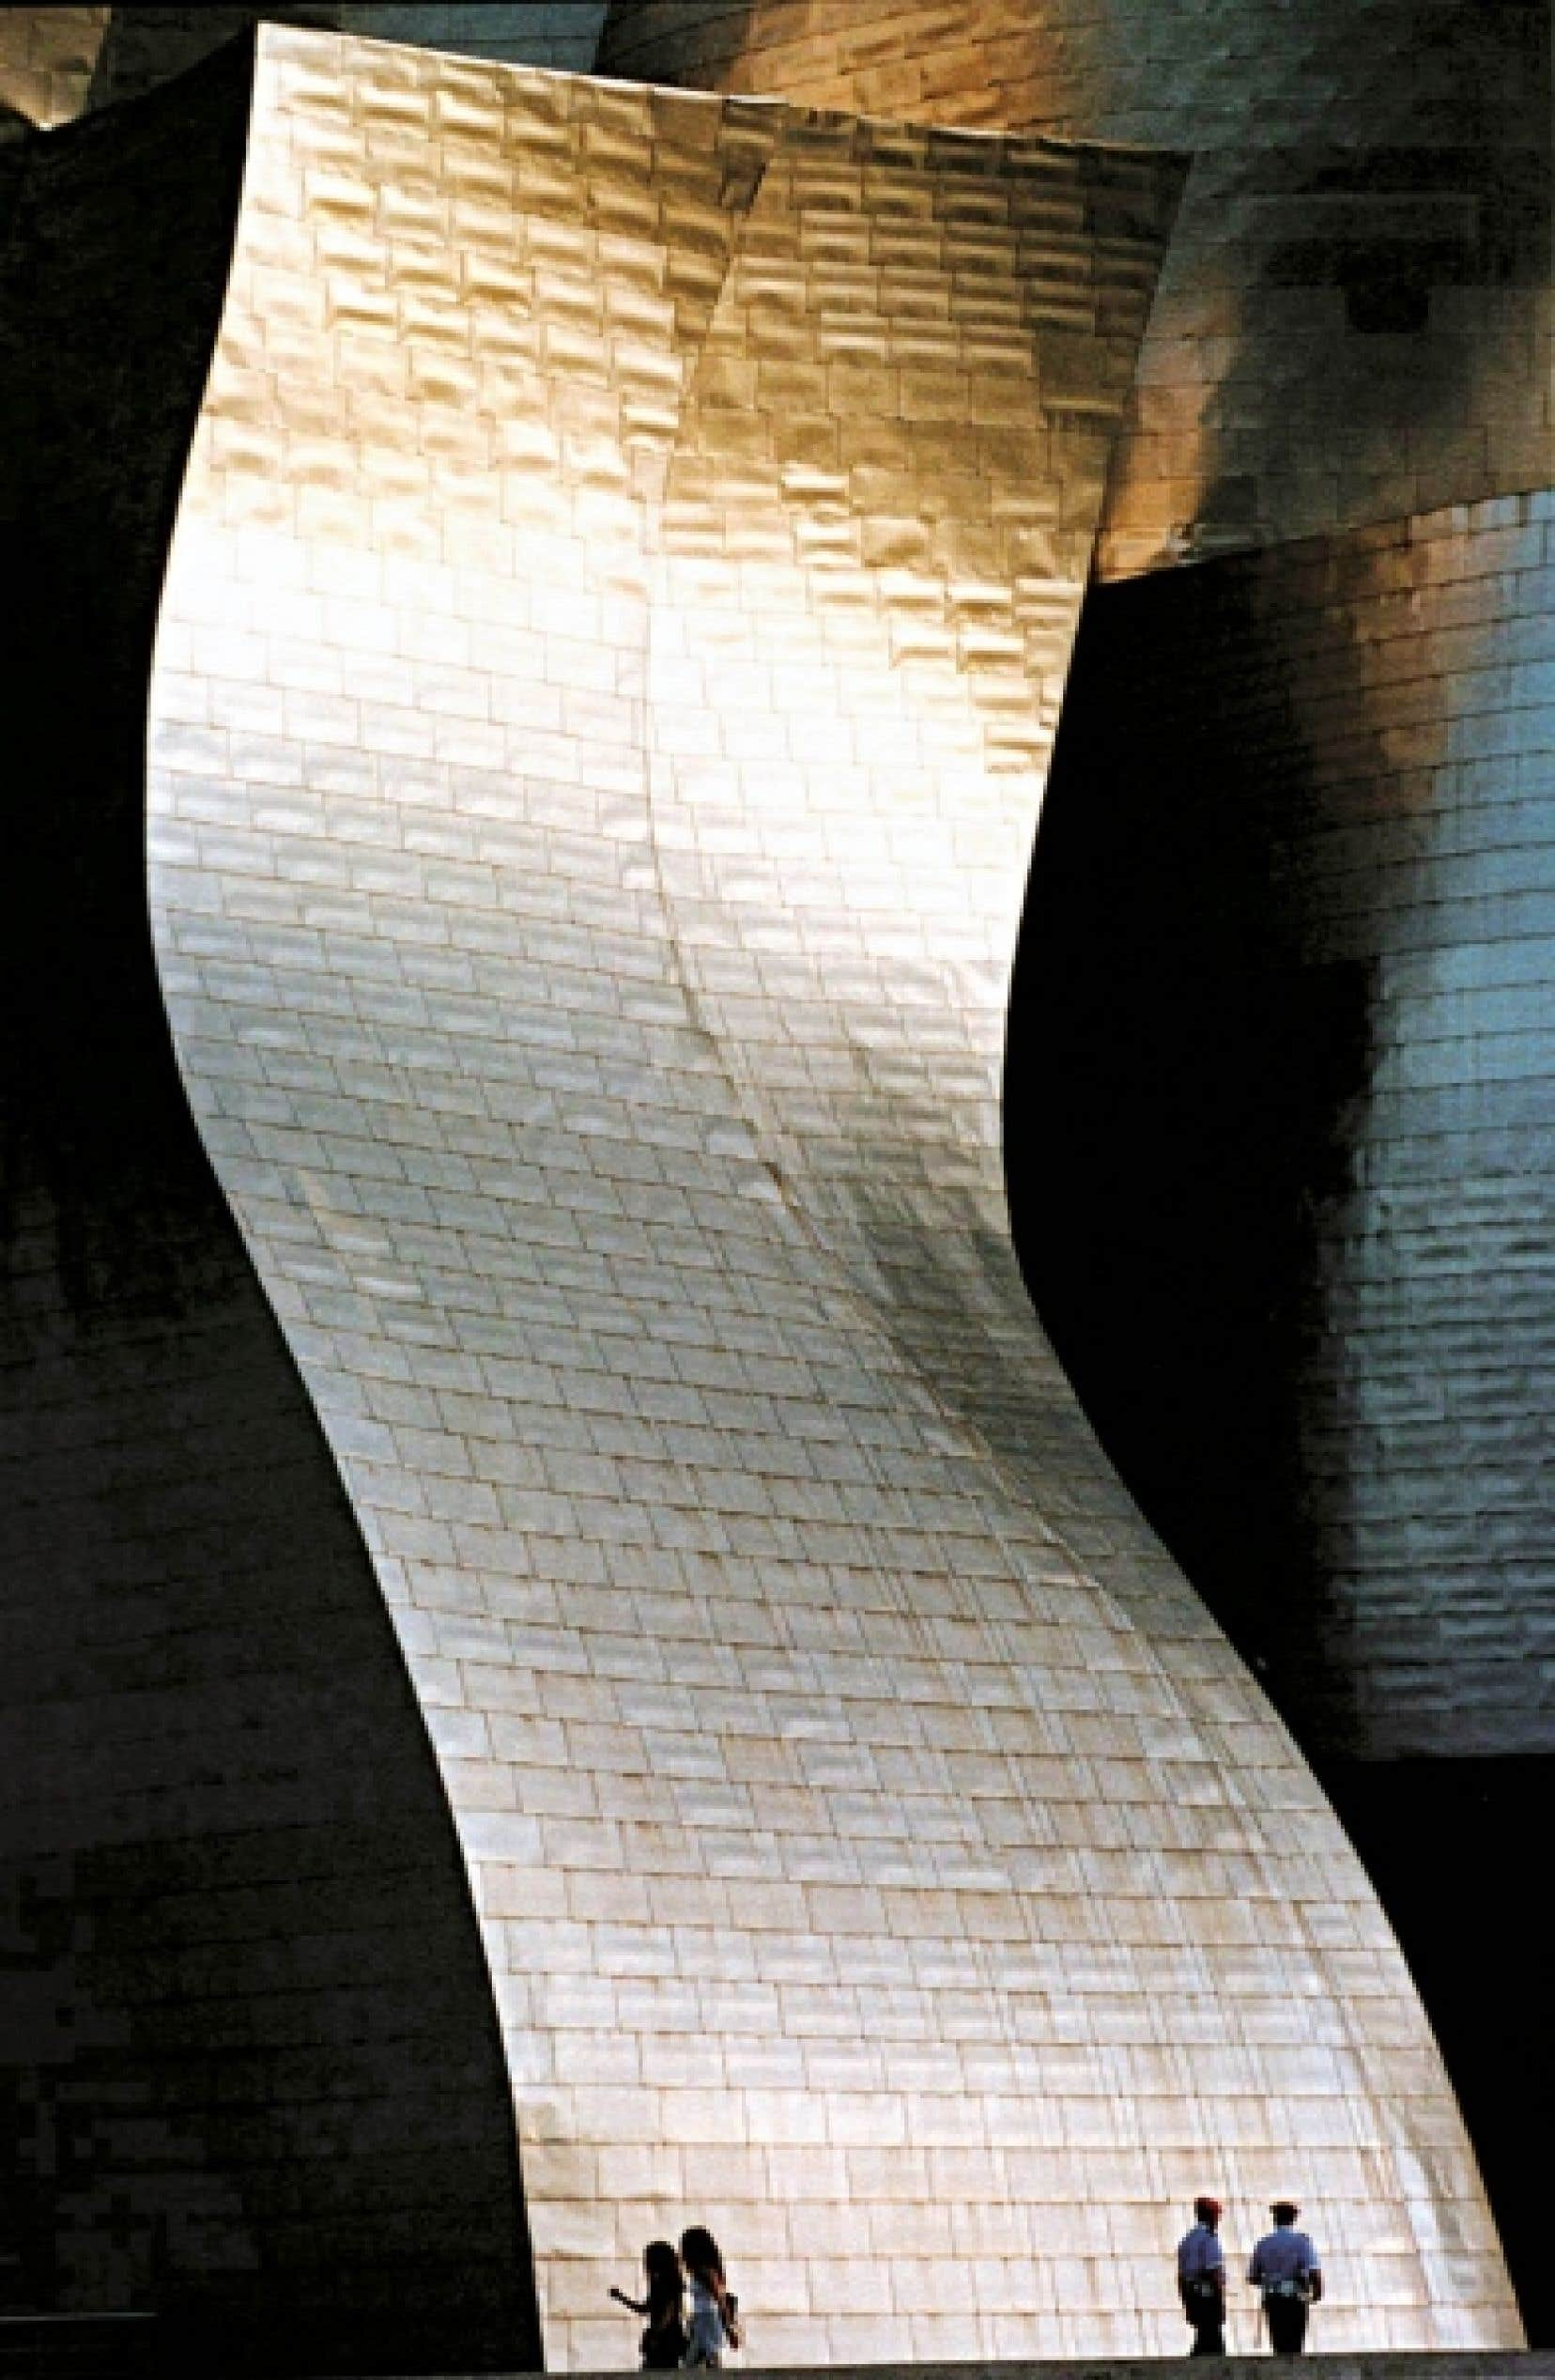 Conçu par l'architecte nord-américain Frank O. Gehry, le musée Guggenheim Bilbao a ouvert ses portes au public en 1997.